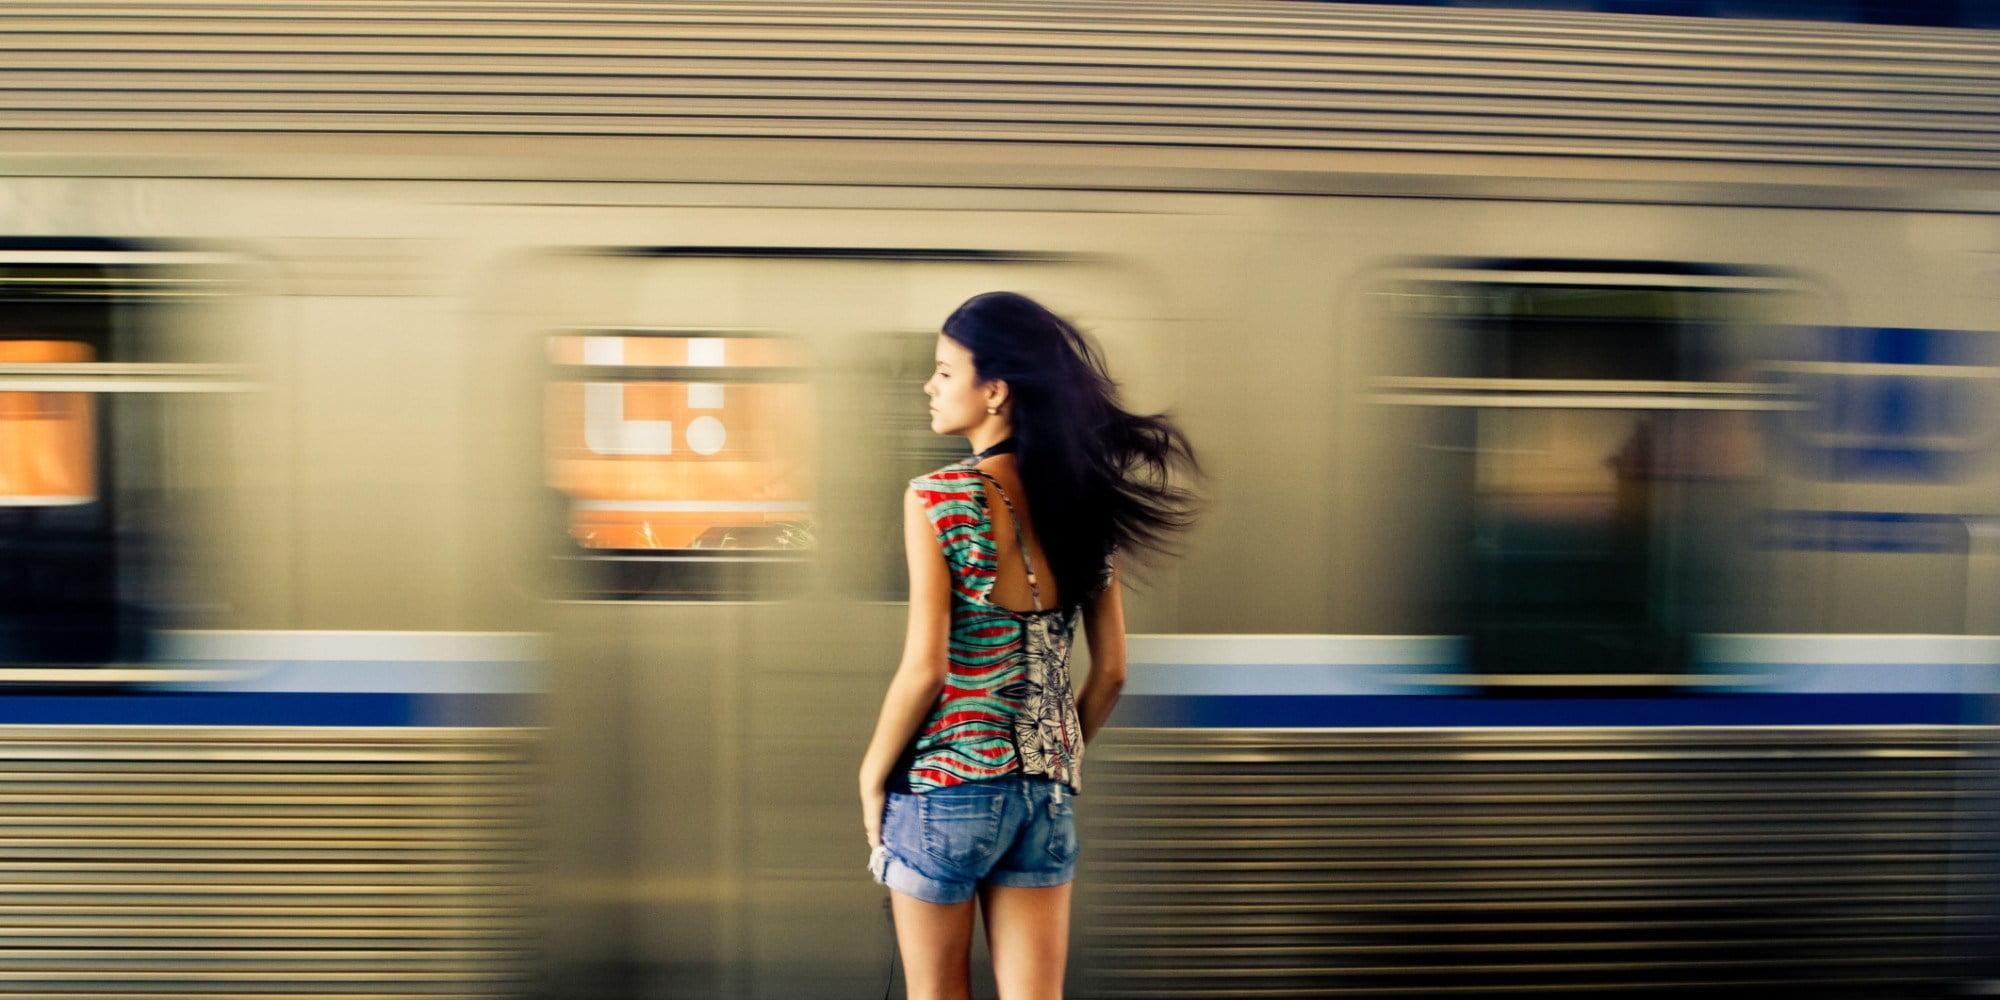 औरत क्यों न अपनाएँ सहज पहनावा?